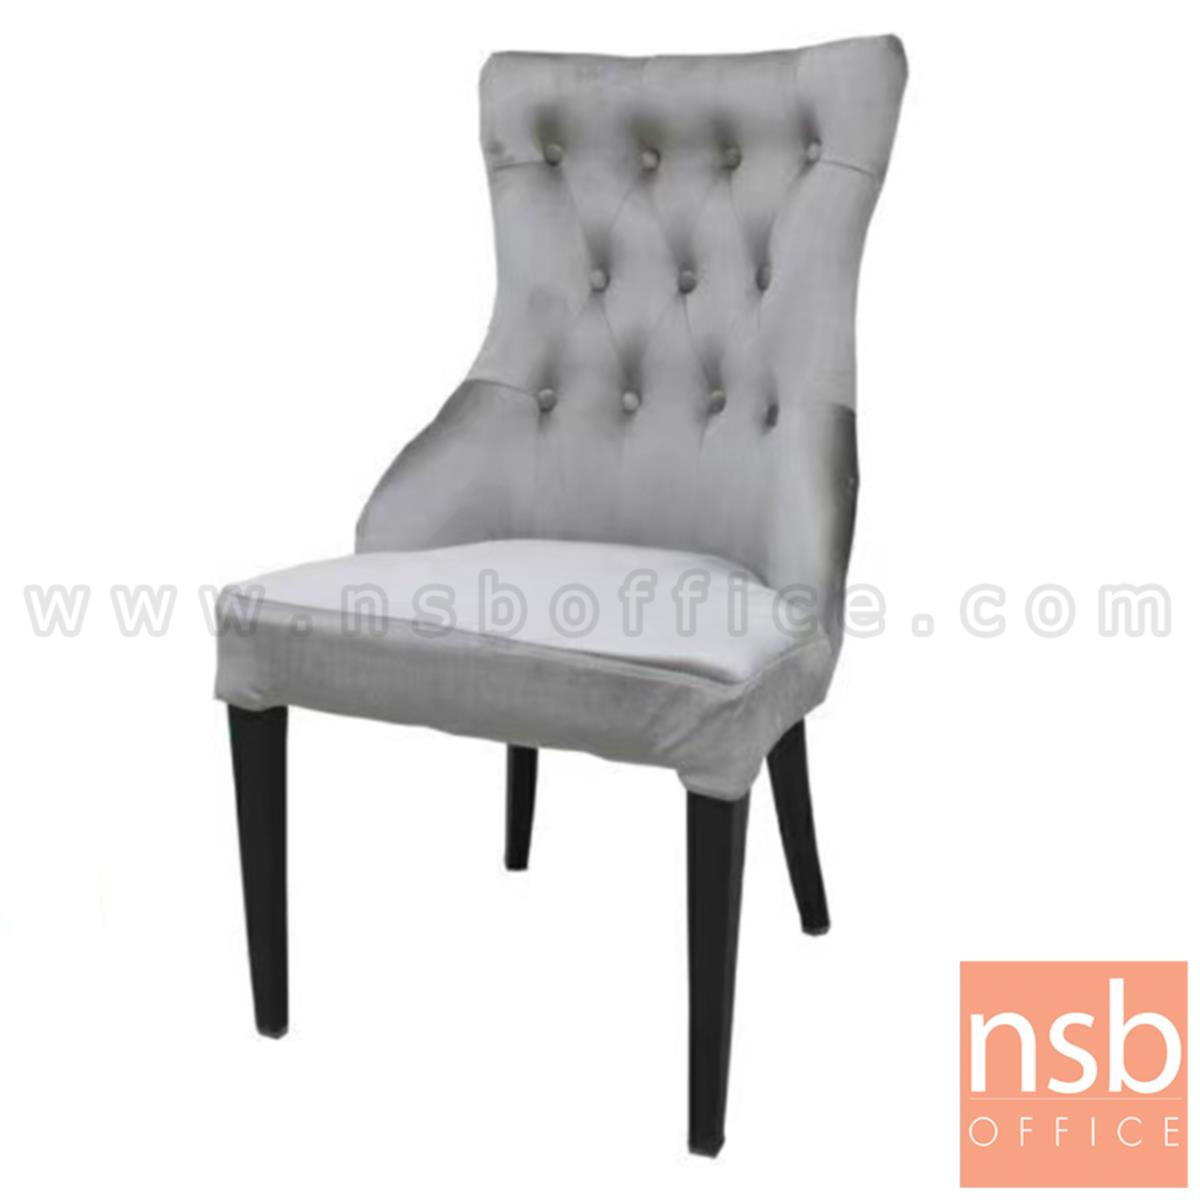 B08A082:เก้าอี้อเนกประสงค์จัดเลี้ยง รุ่น Cadigan (คาดิแกน)  เบาะหุ้มผ้า ขาเหล็ก